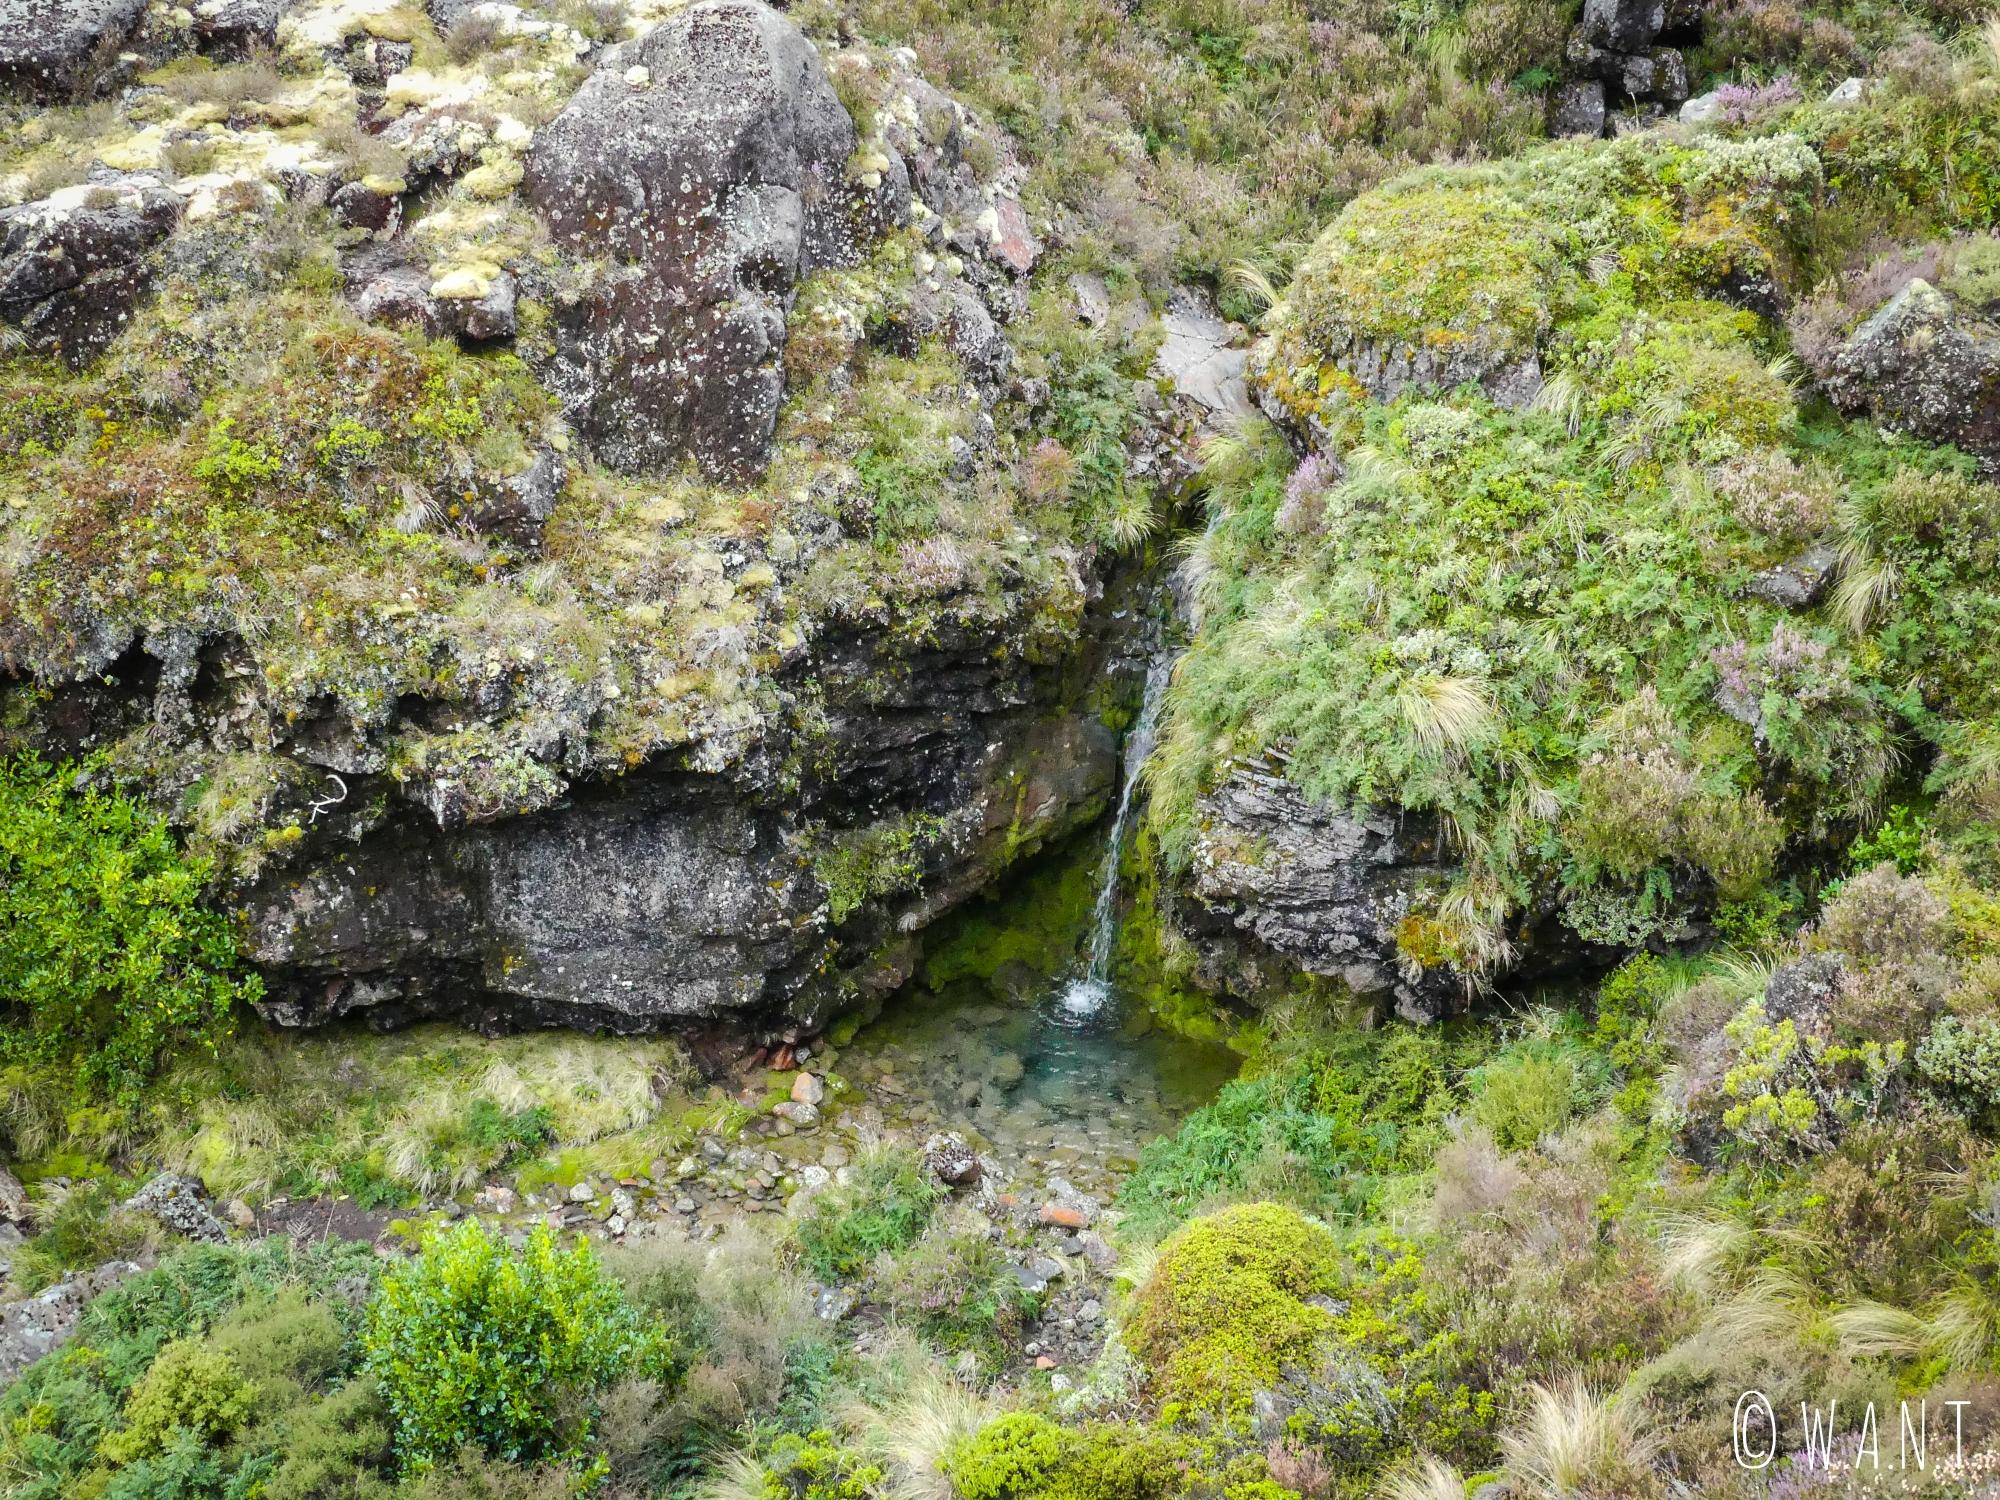 Végétation de la première partie de la randonnée « Tongariro Alpine Crossing » en Nouvelle-Zélande